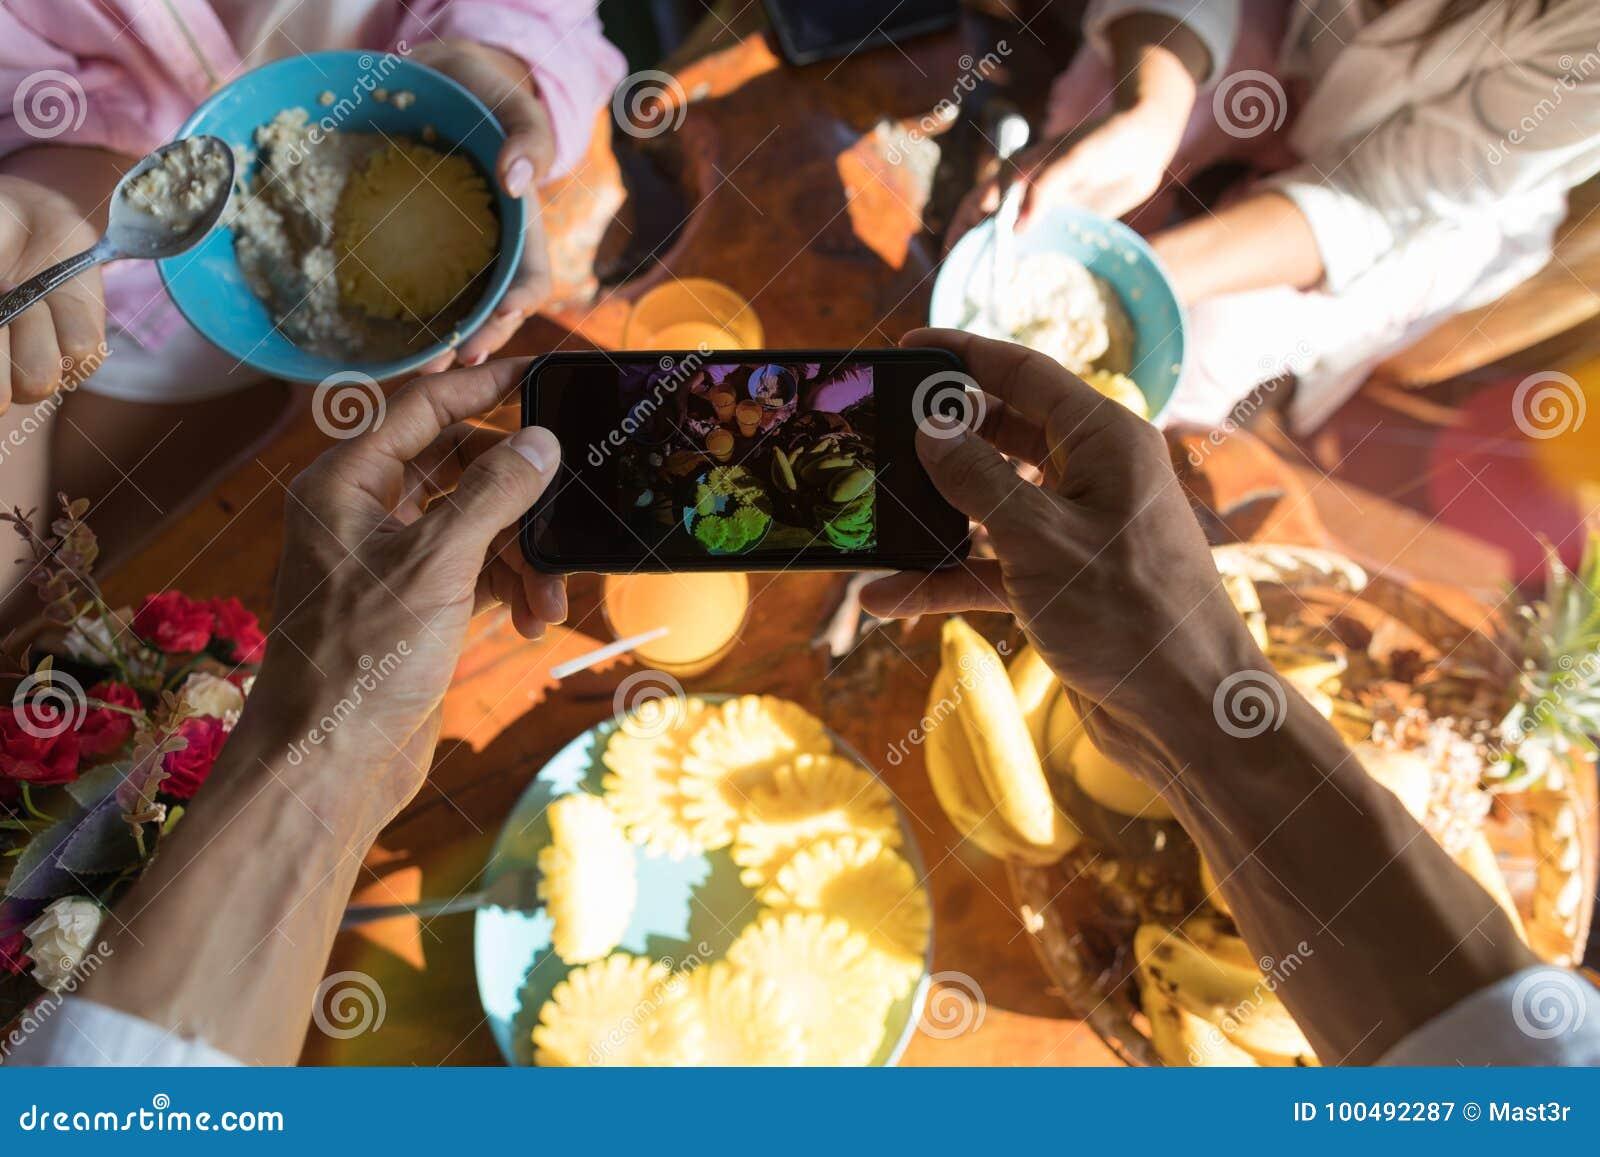 拍早餐桌的照片男性手油罐顶部角钢视图用新鲜水果和燕麦粥粥